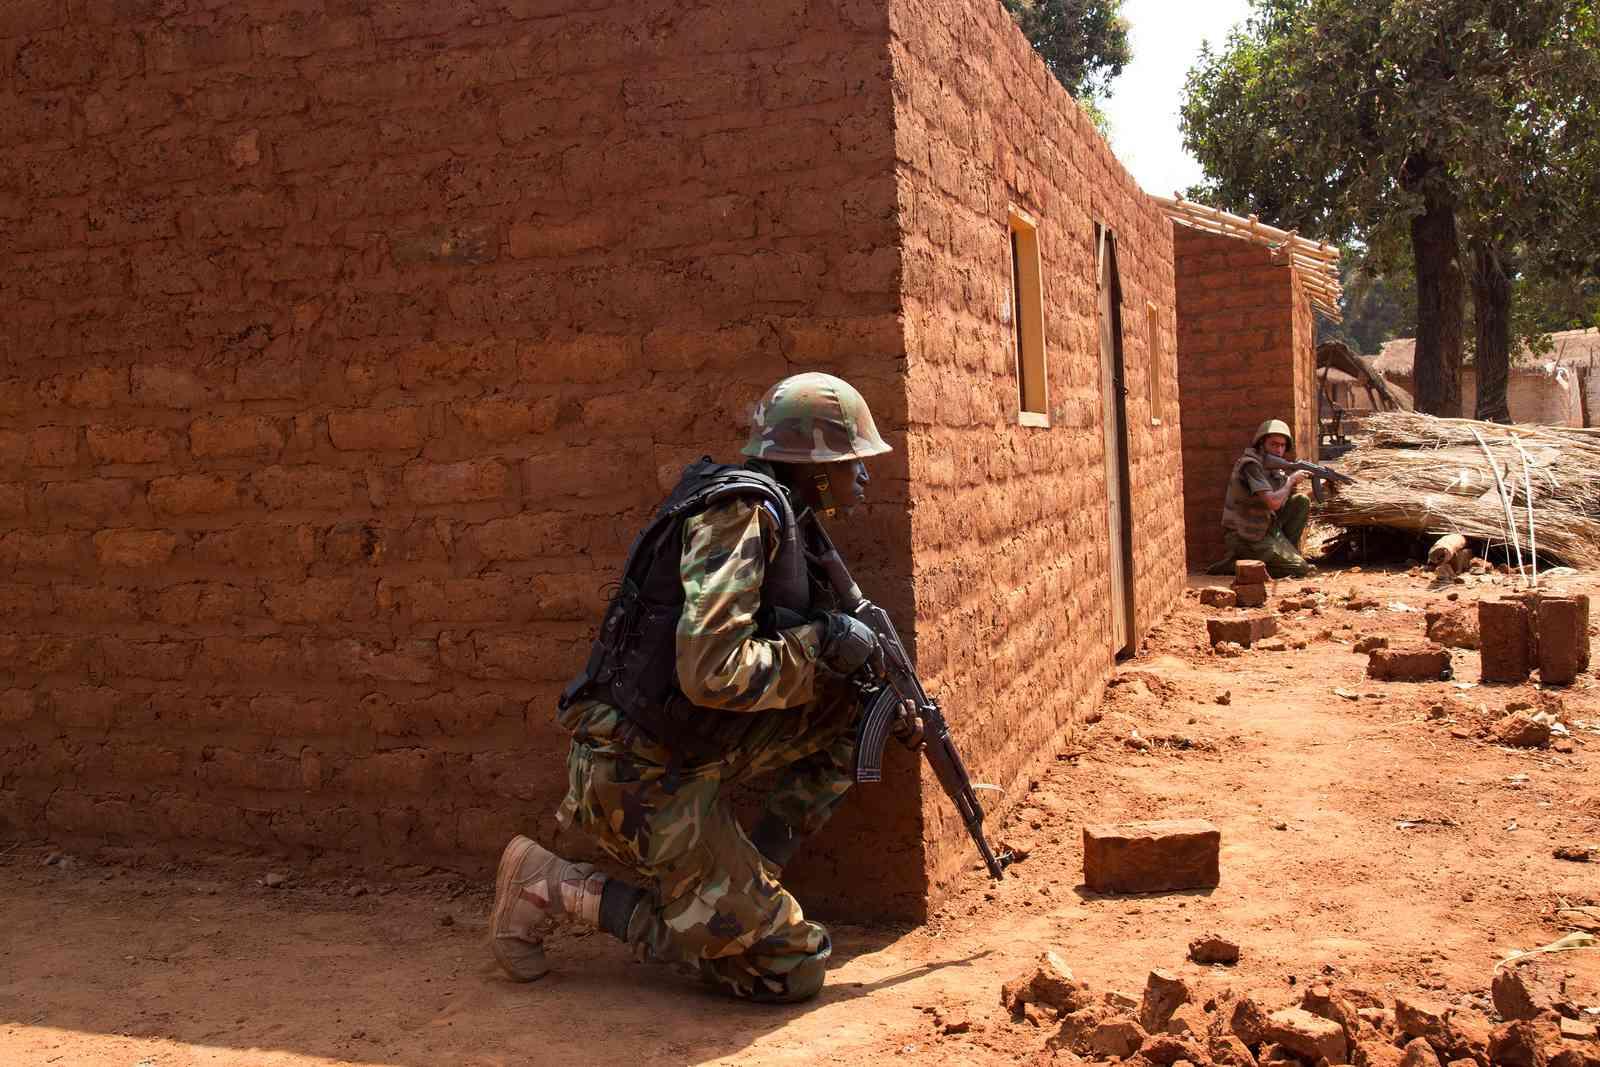 Maintien de la paix dans le monde - Les FAR en République Centrafricaine - RCA (MINUSCA) 16493210